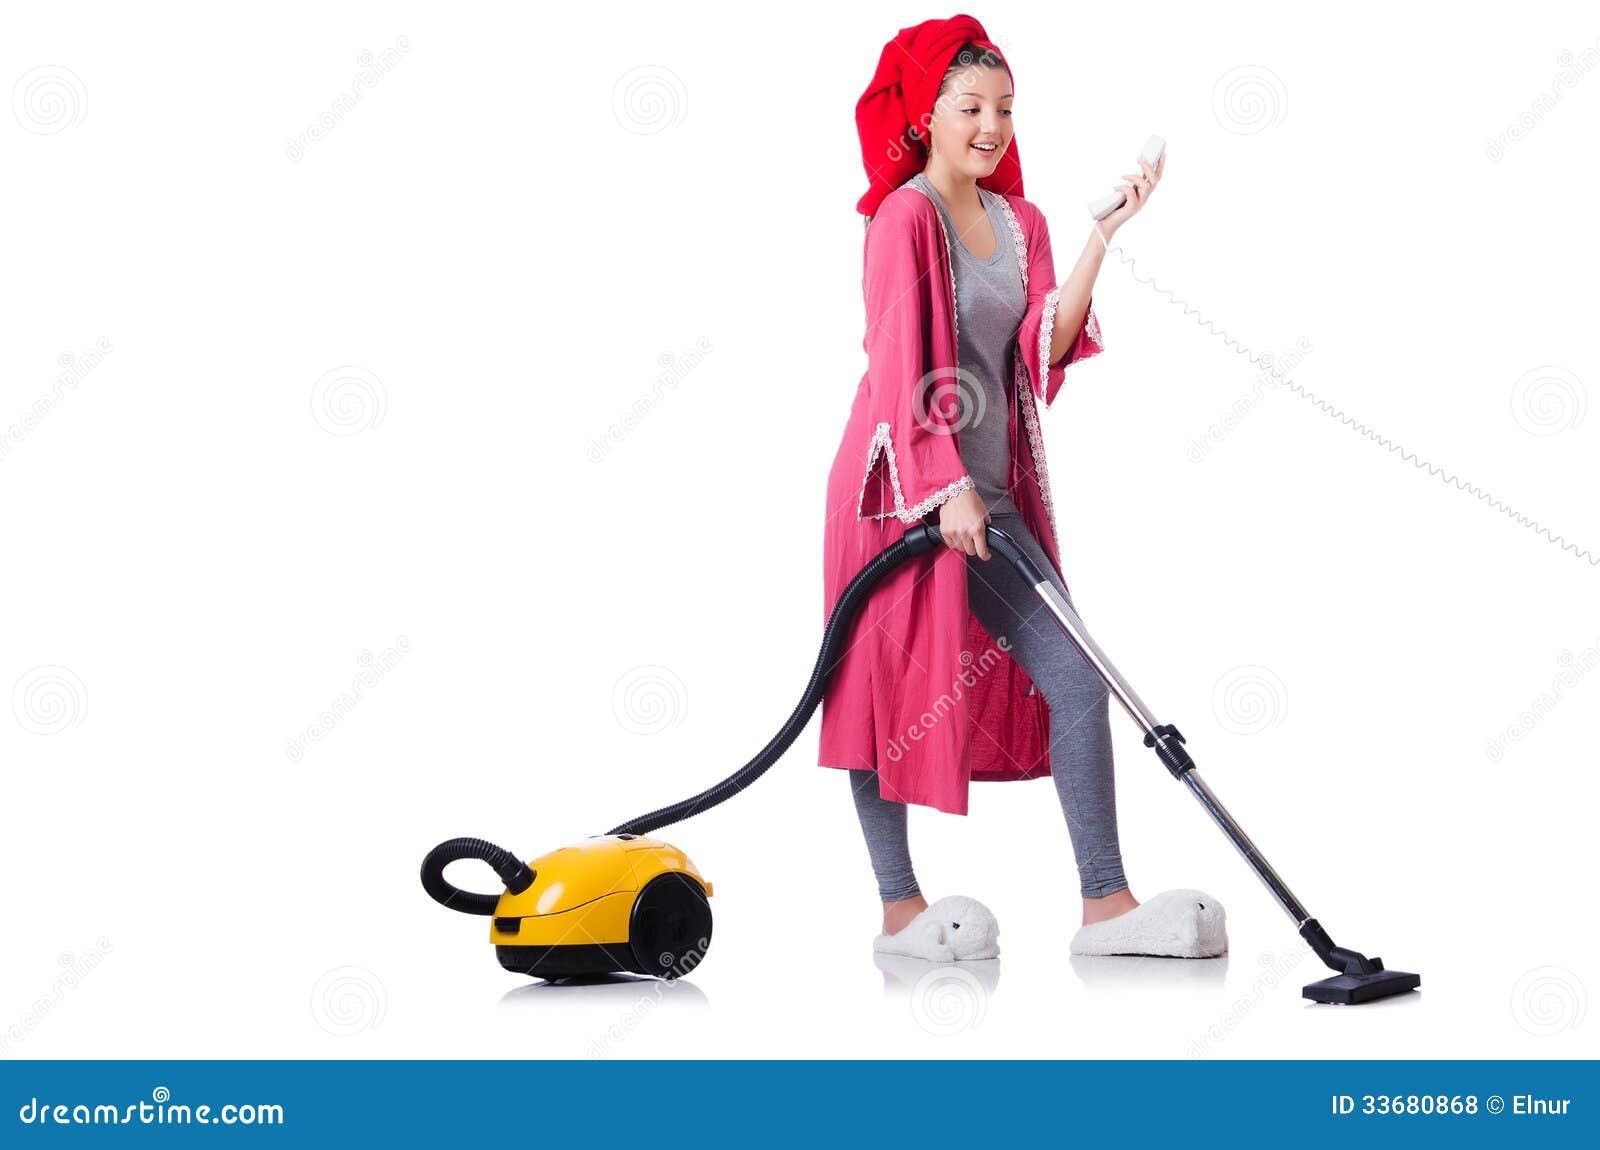 Hausfrau Mit Staubsauger Lizenzfreie Stockfotos  Bild  ~ Staubsauger Yes